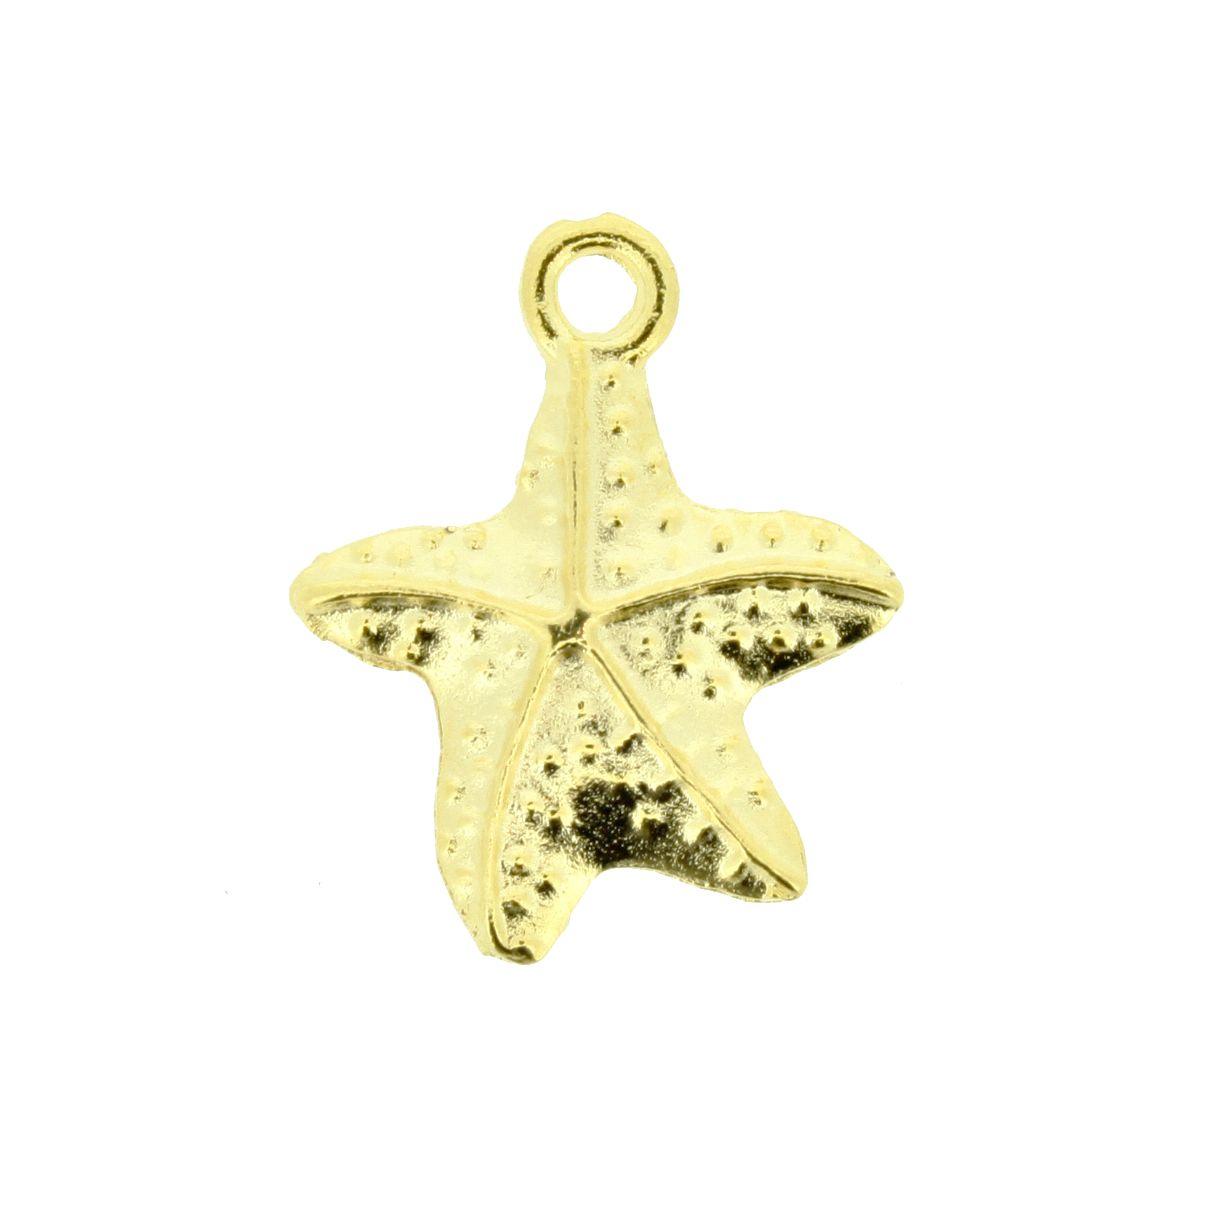 Estrela do Mar - Dourado - 21mm  - Universo Religioso® - Artigos de Umbanda e Candomblé